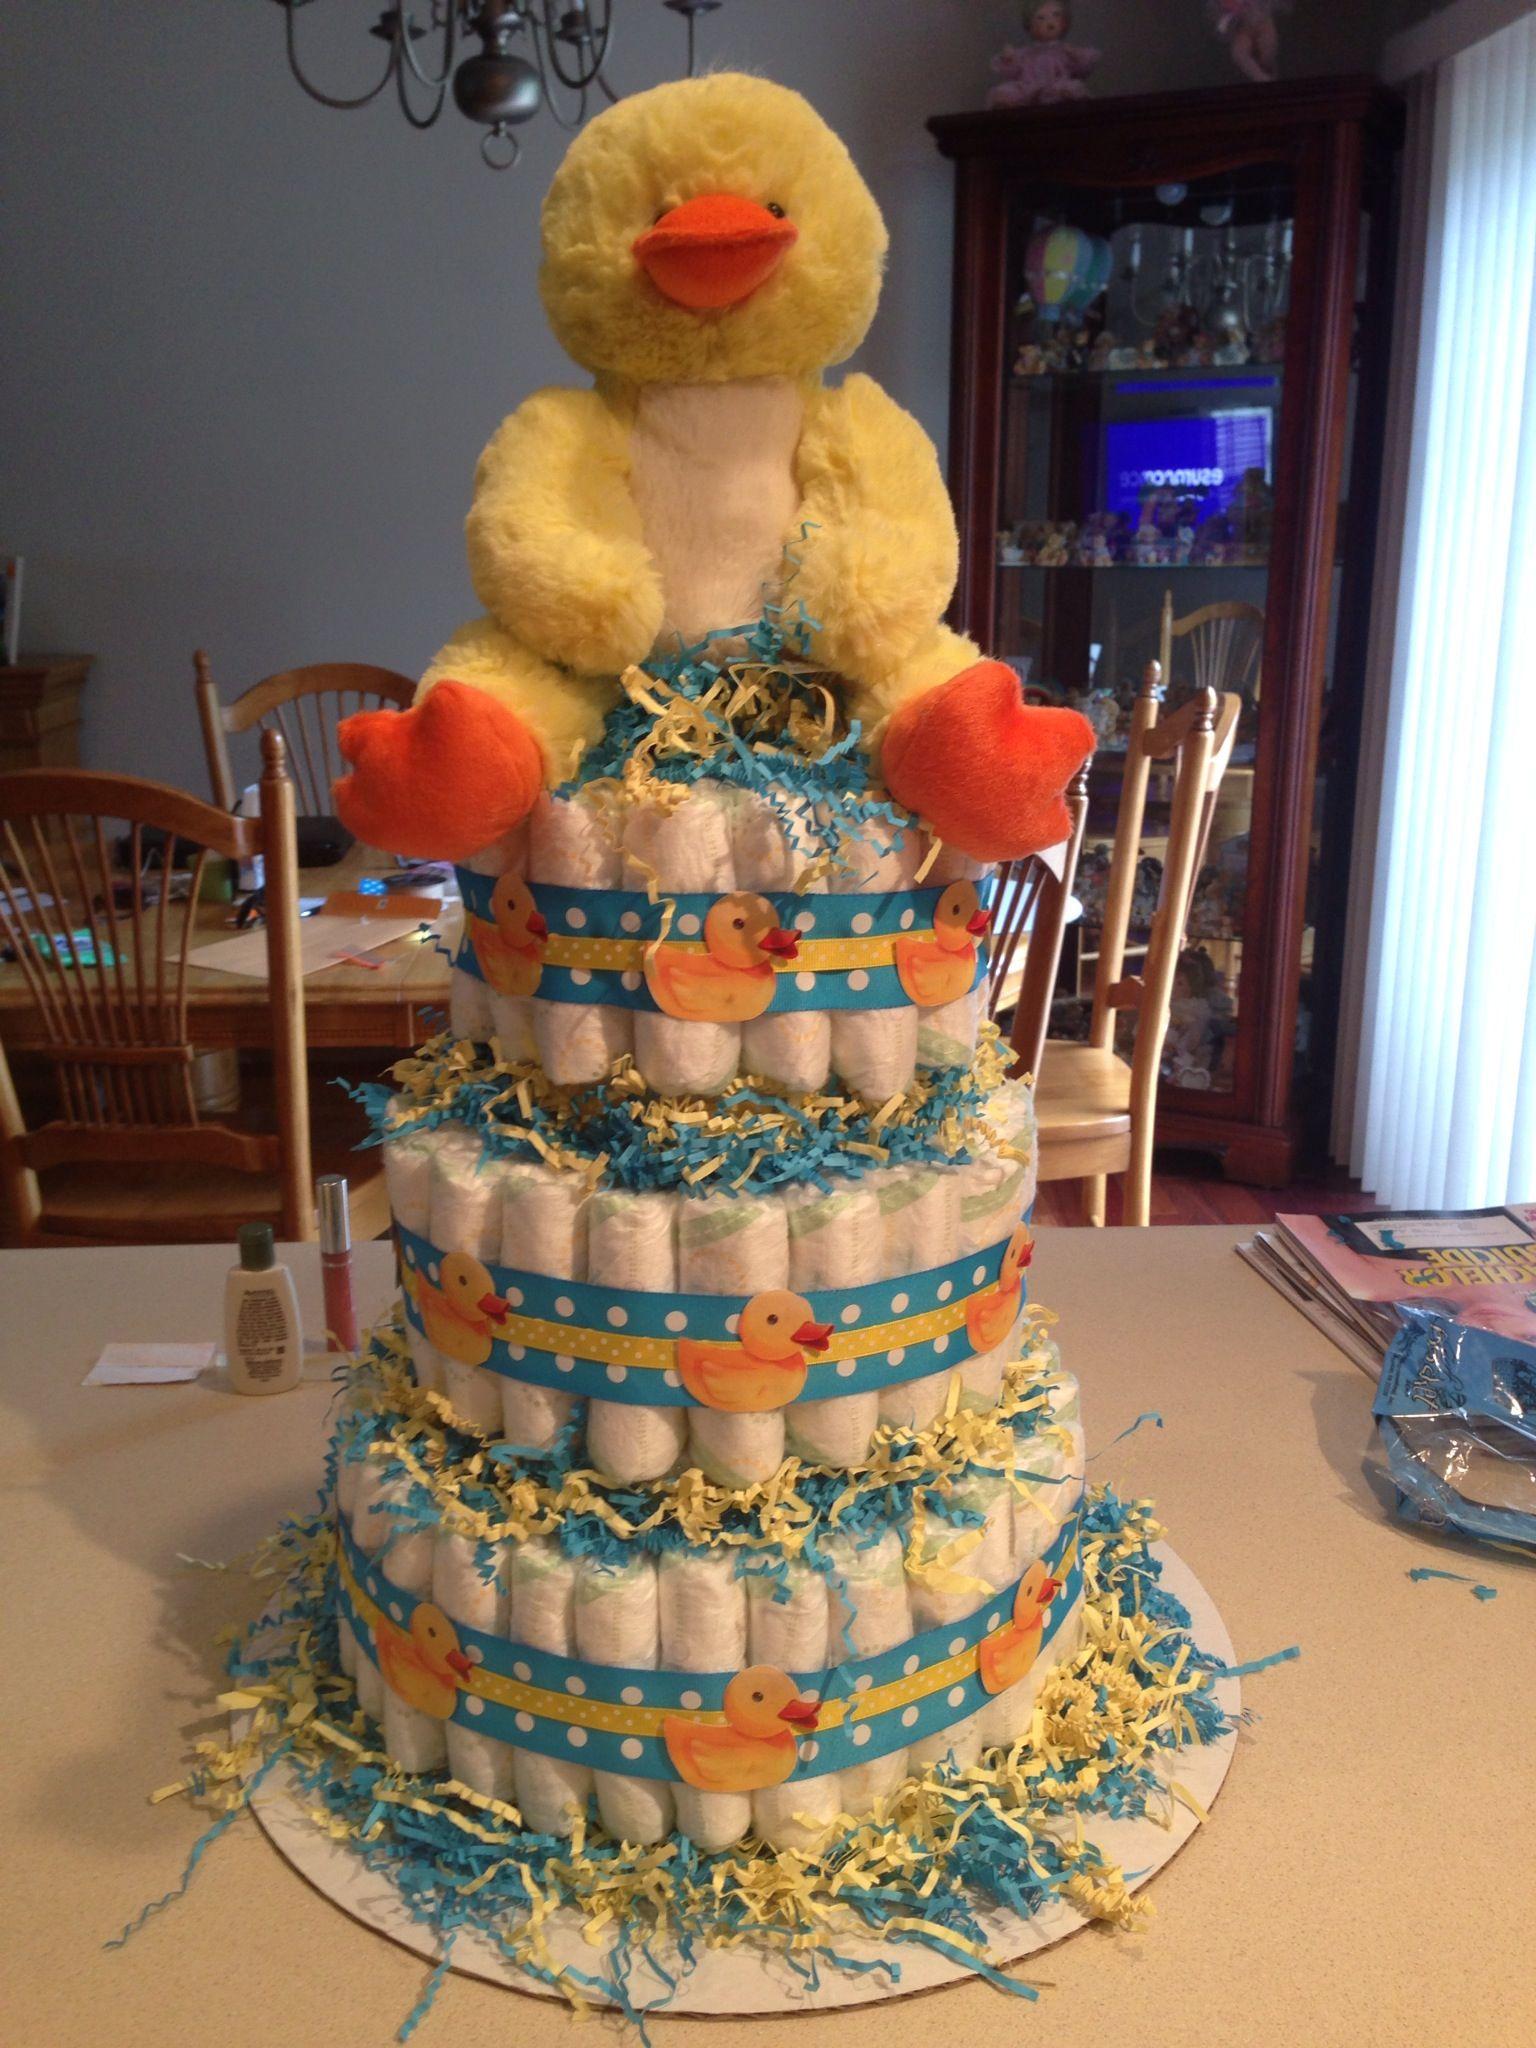 Diaper cake I made for a baby shower